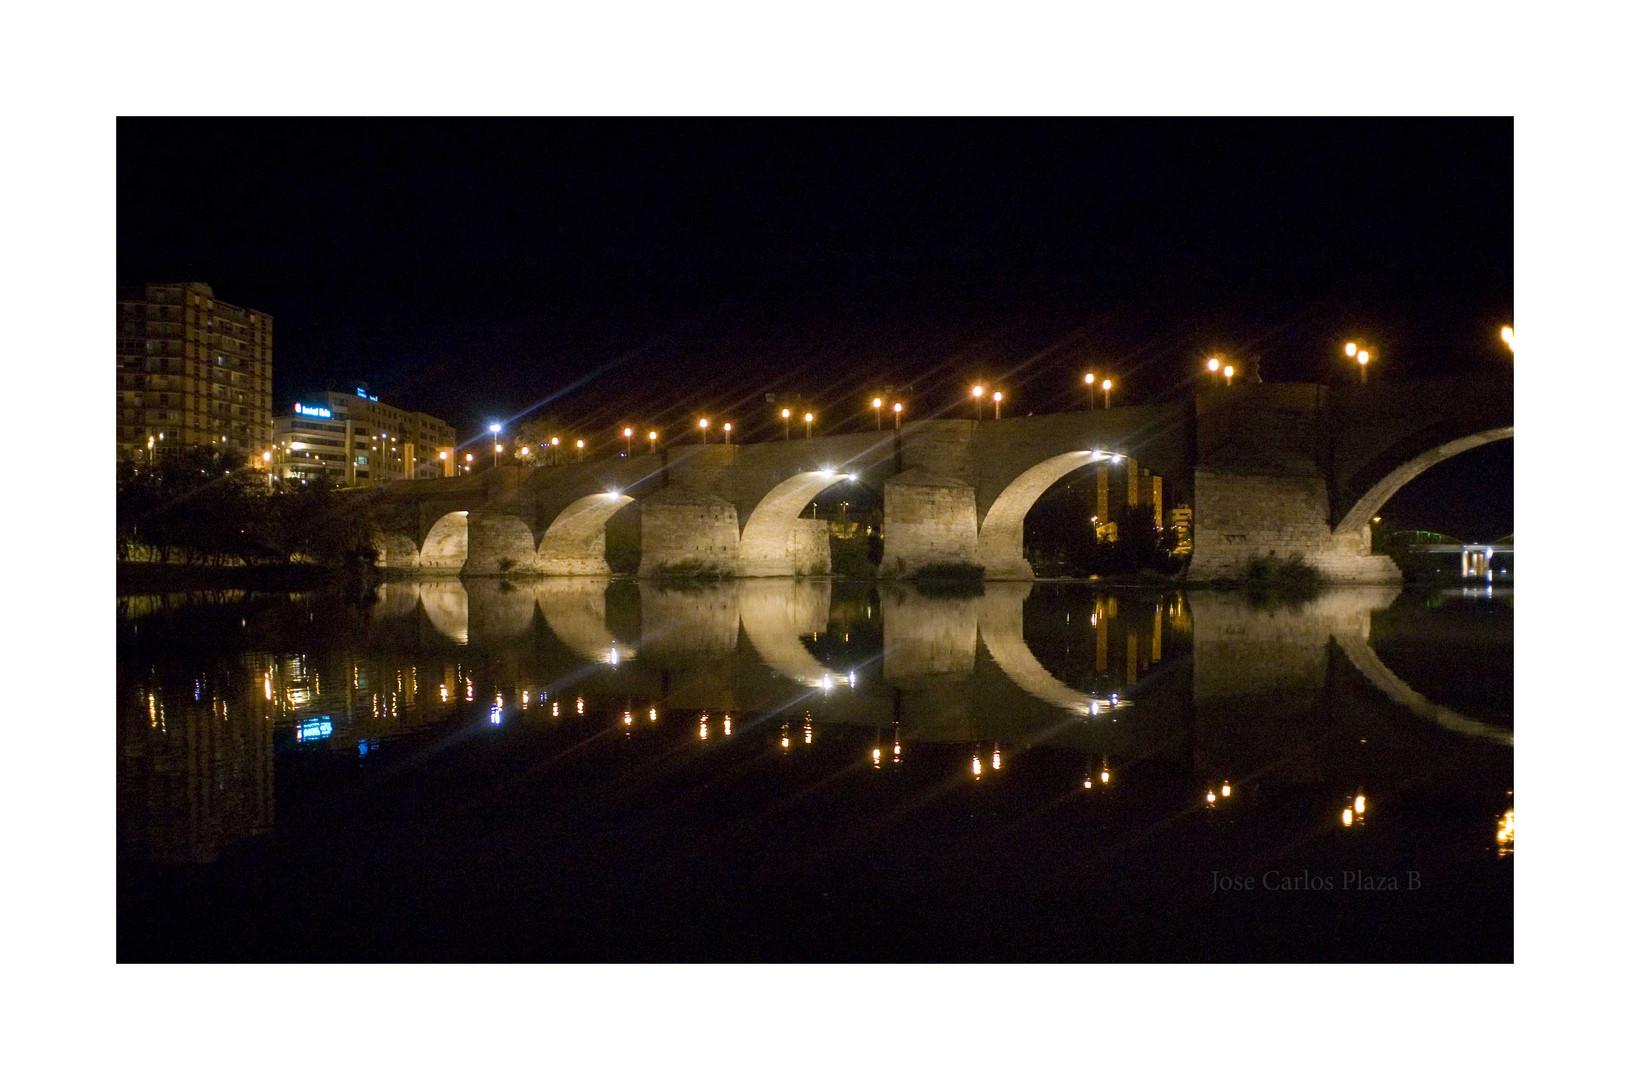 Bajo los puentes del Ebro 1